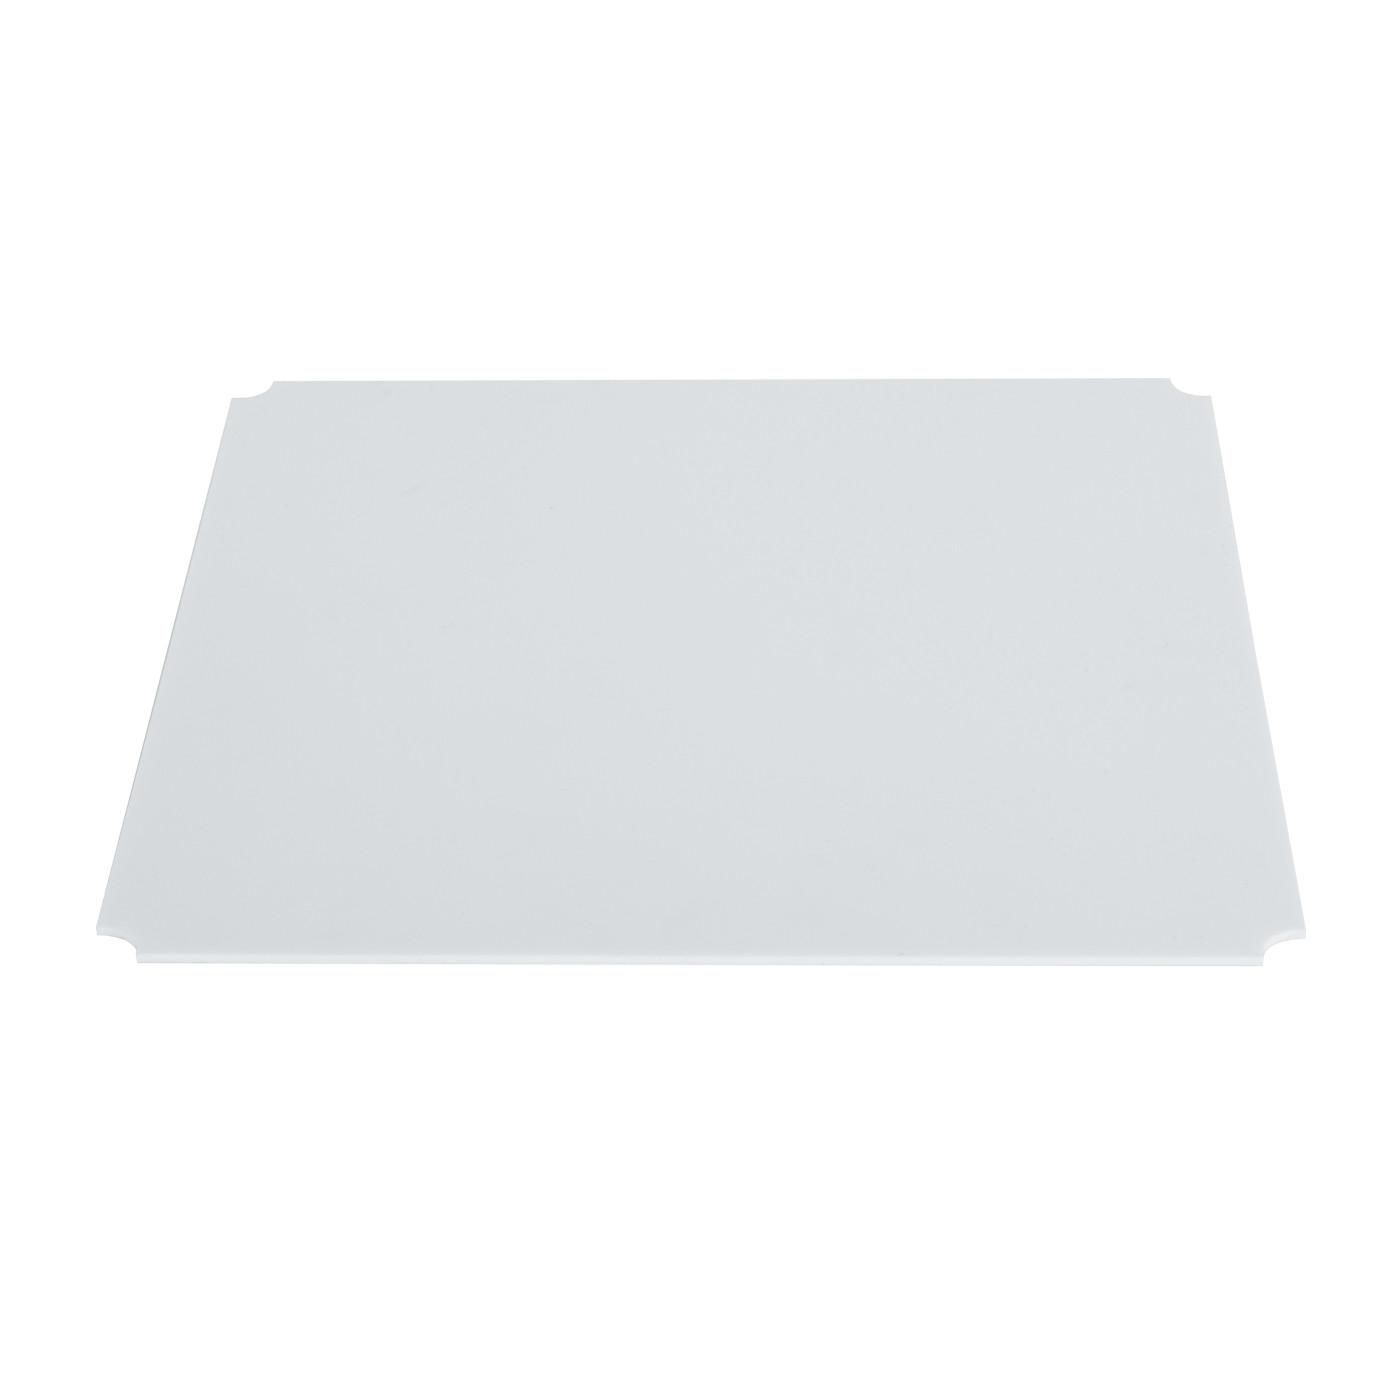 Serien Lighting Reflex² Ersatz-Reflektor M Plexiglas®